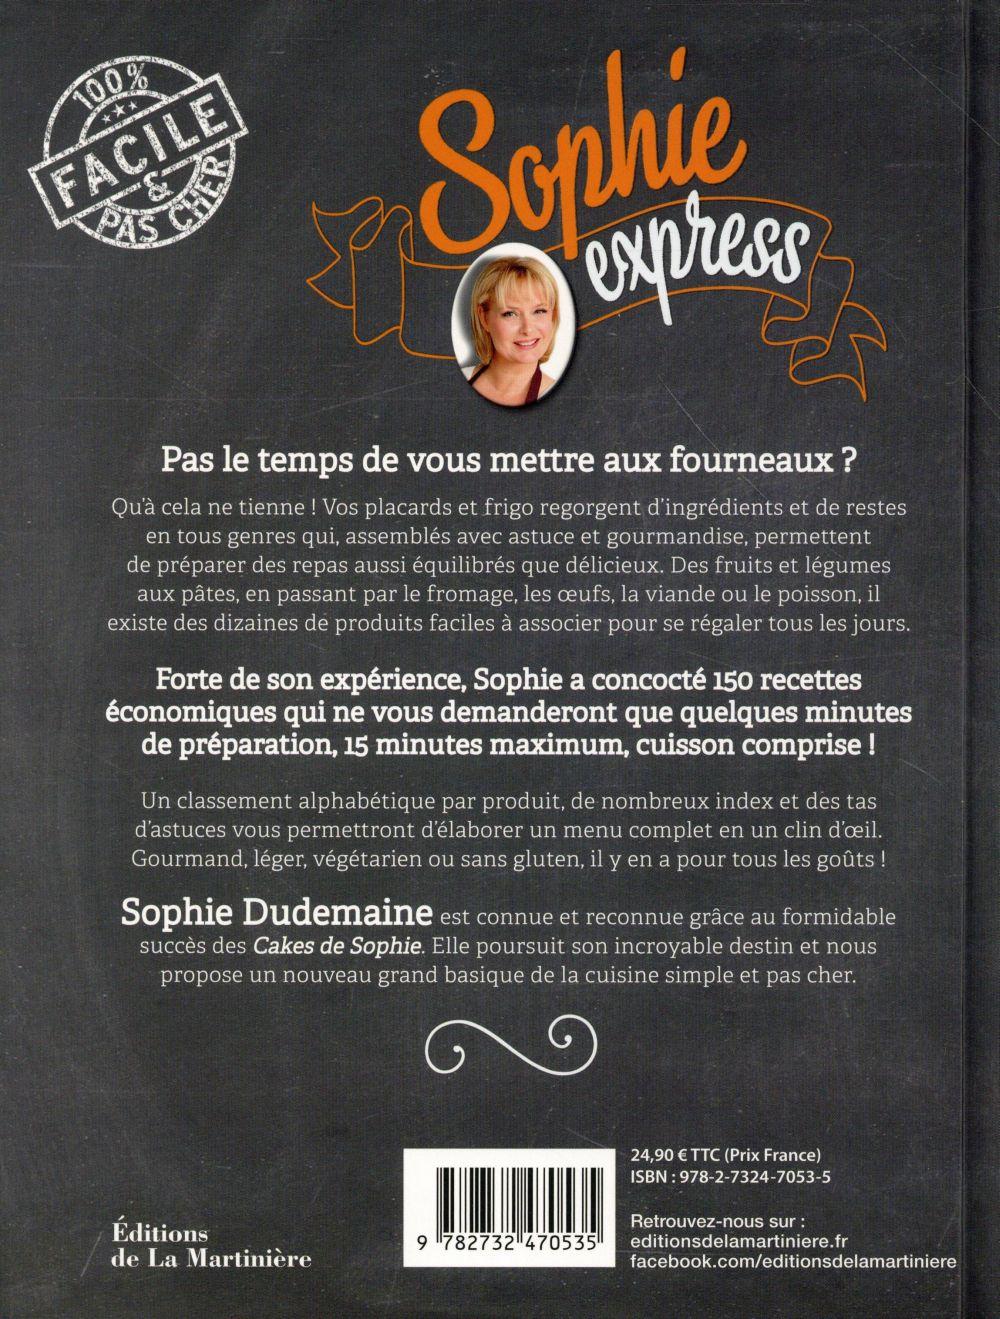 Sophie express ; 150 recettes en 15 minutes chrono, cuisson comprise !